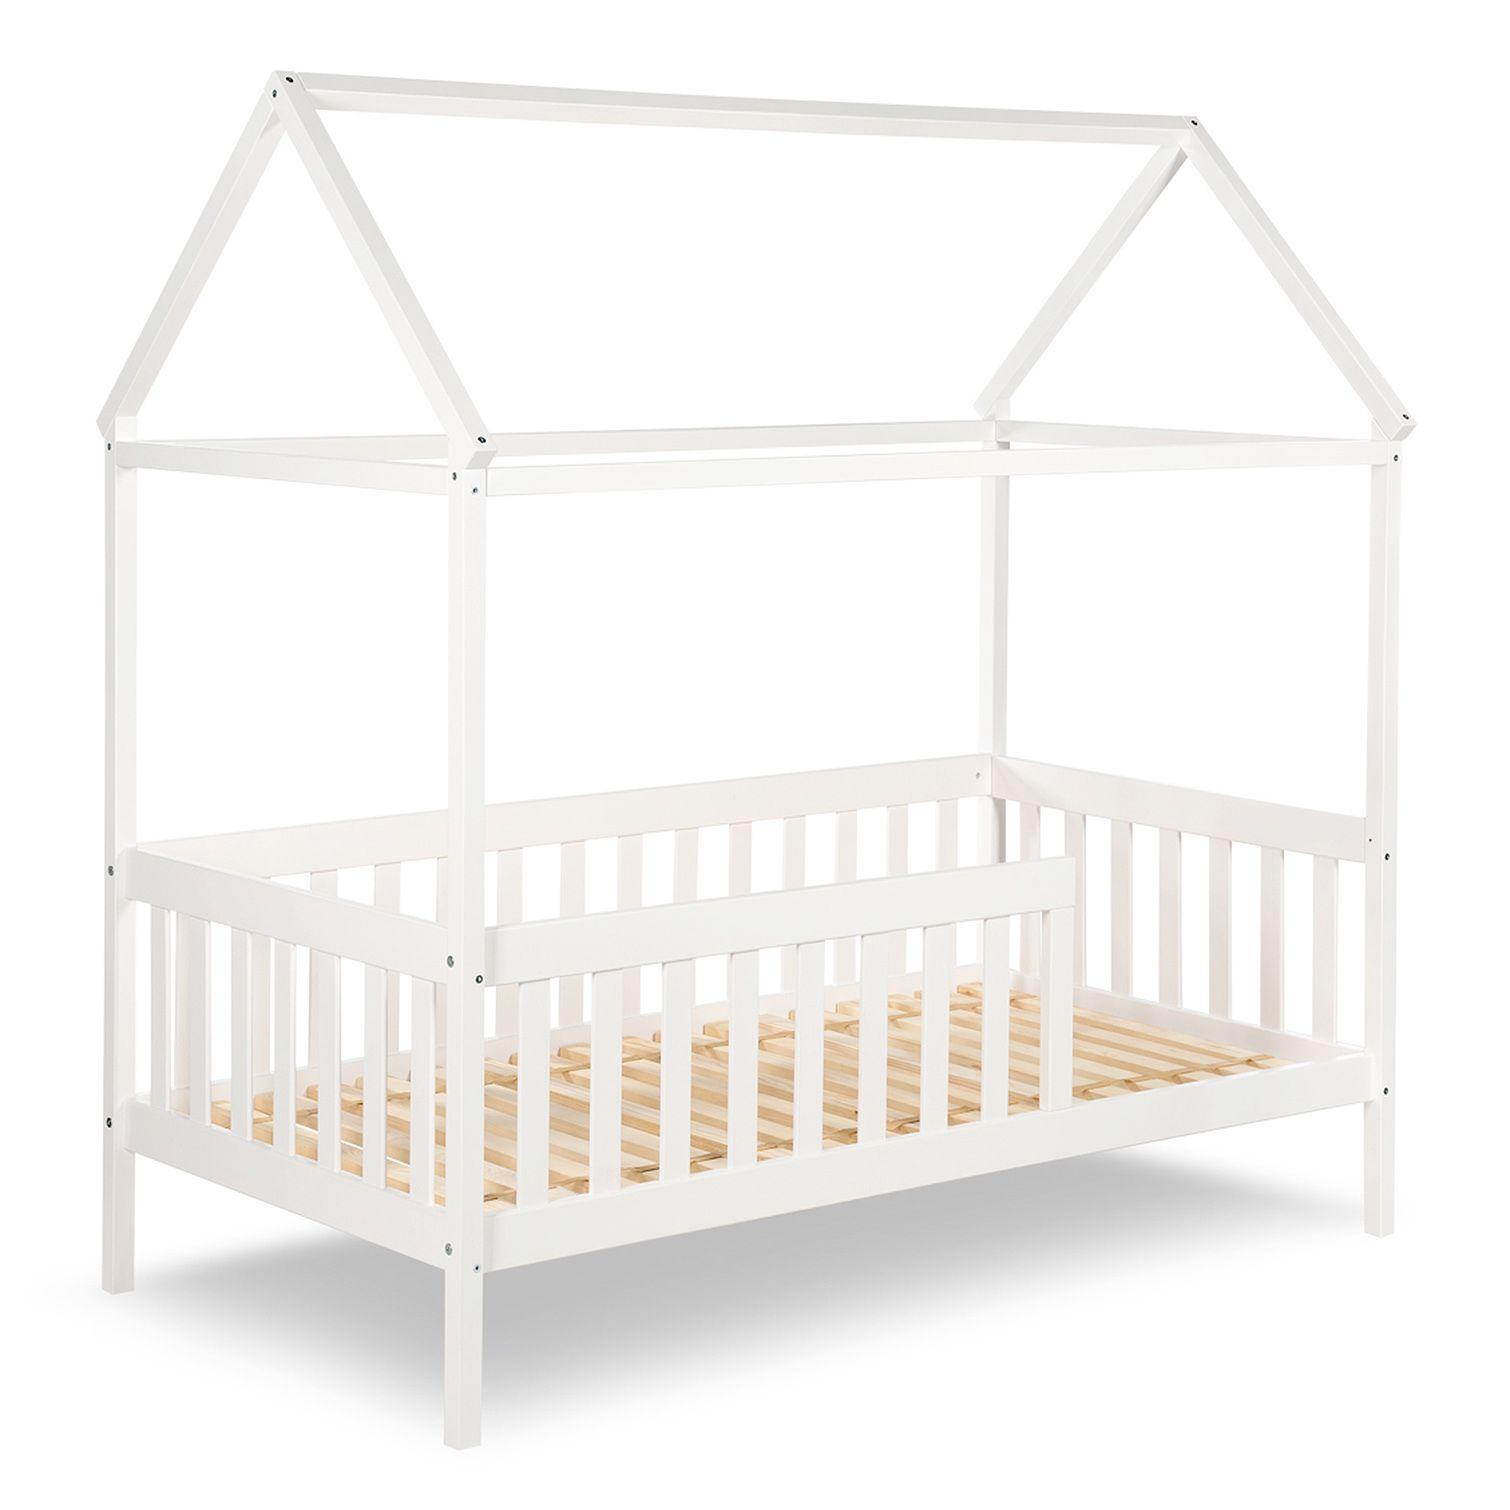 Kinder & Junior Hausbett mit Gitterrand weiß 80x160cm